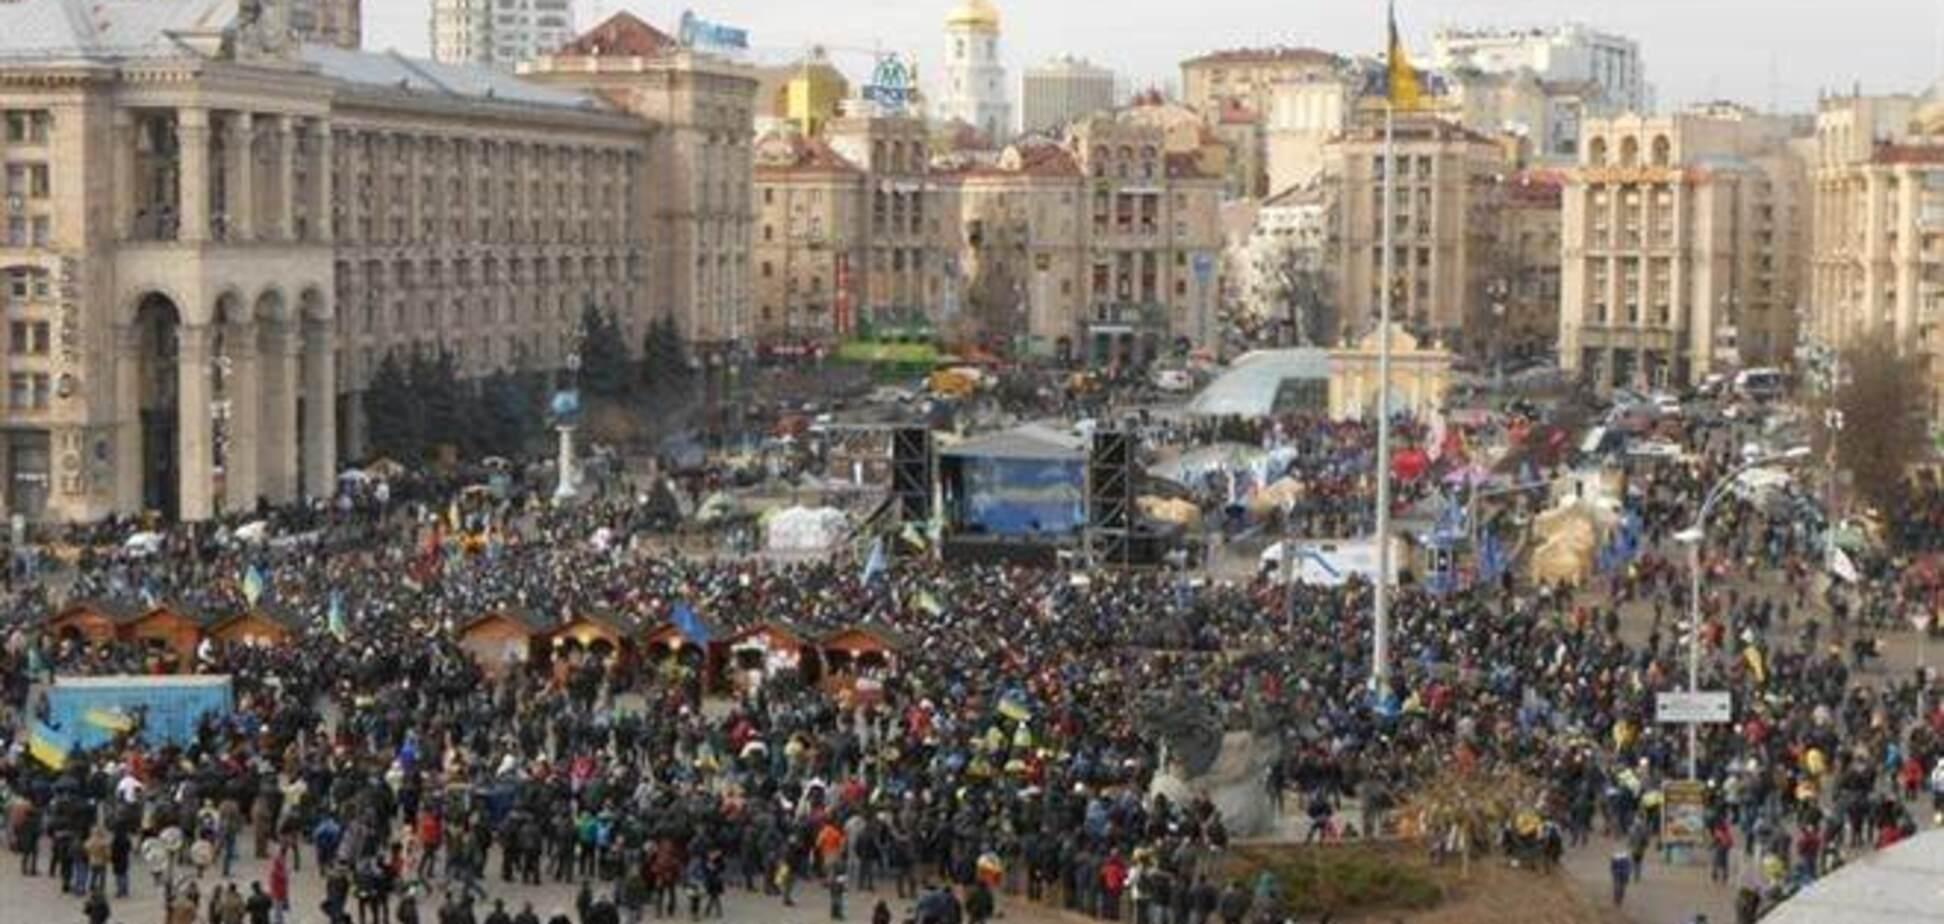 За дни Евромайдана отравились едой четыре активиста